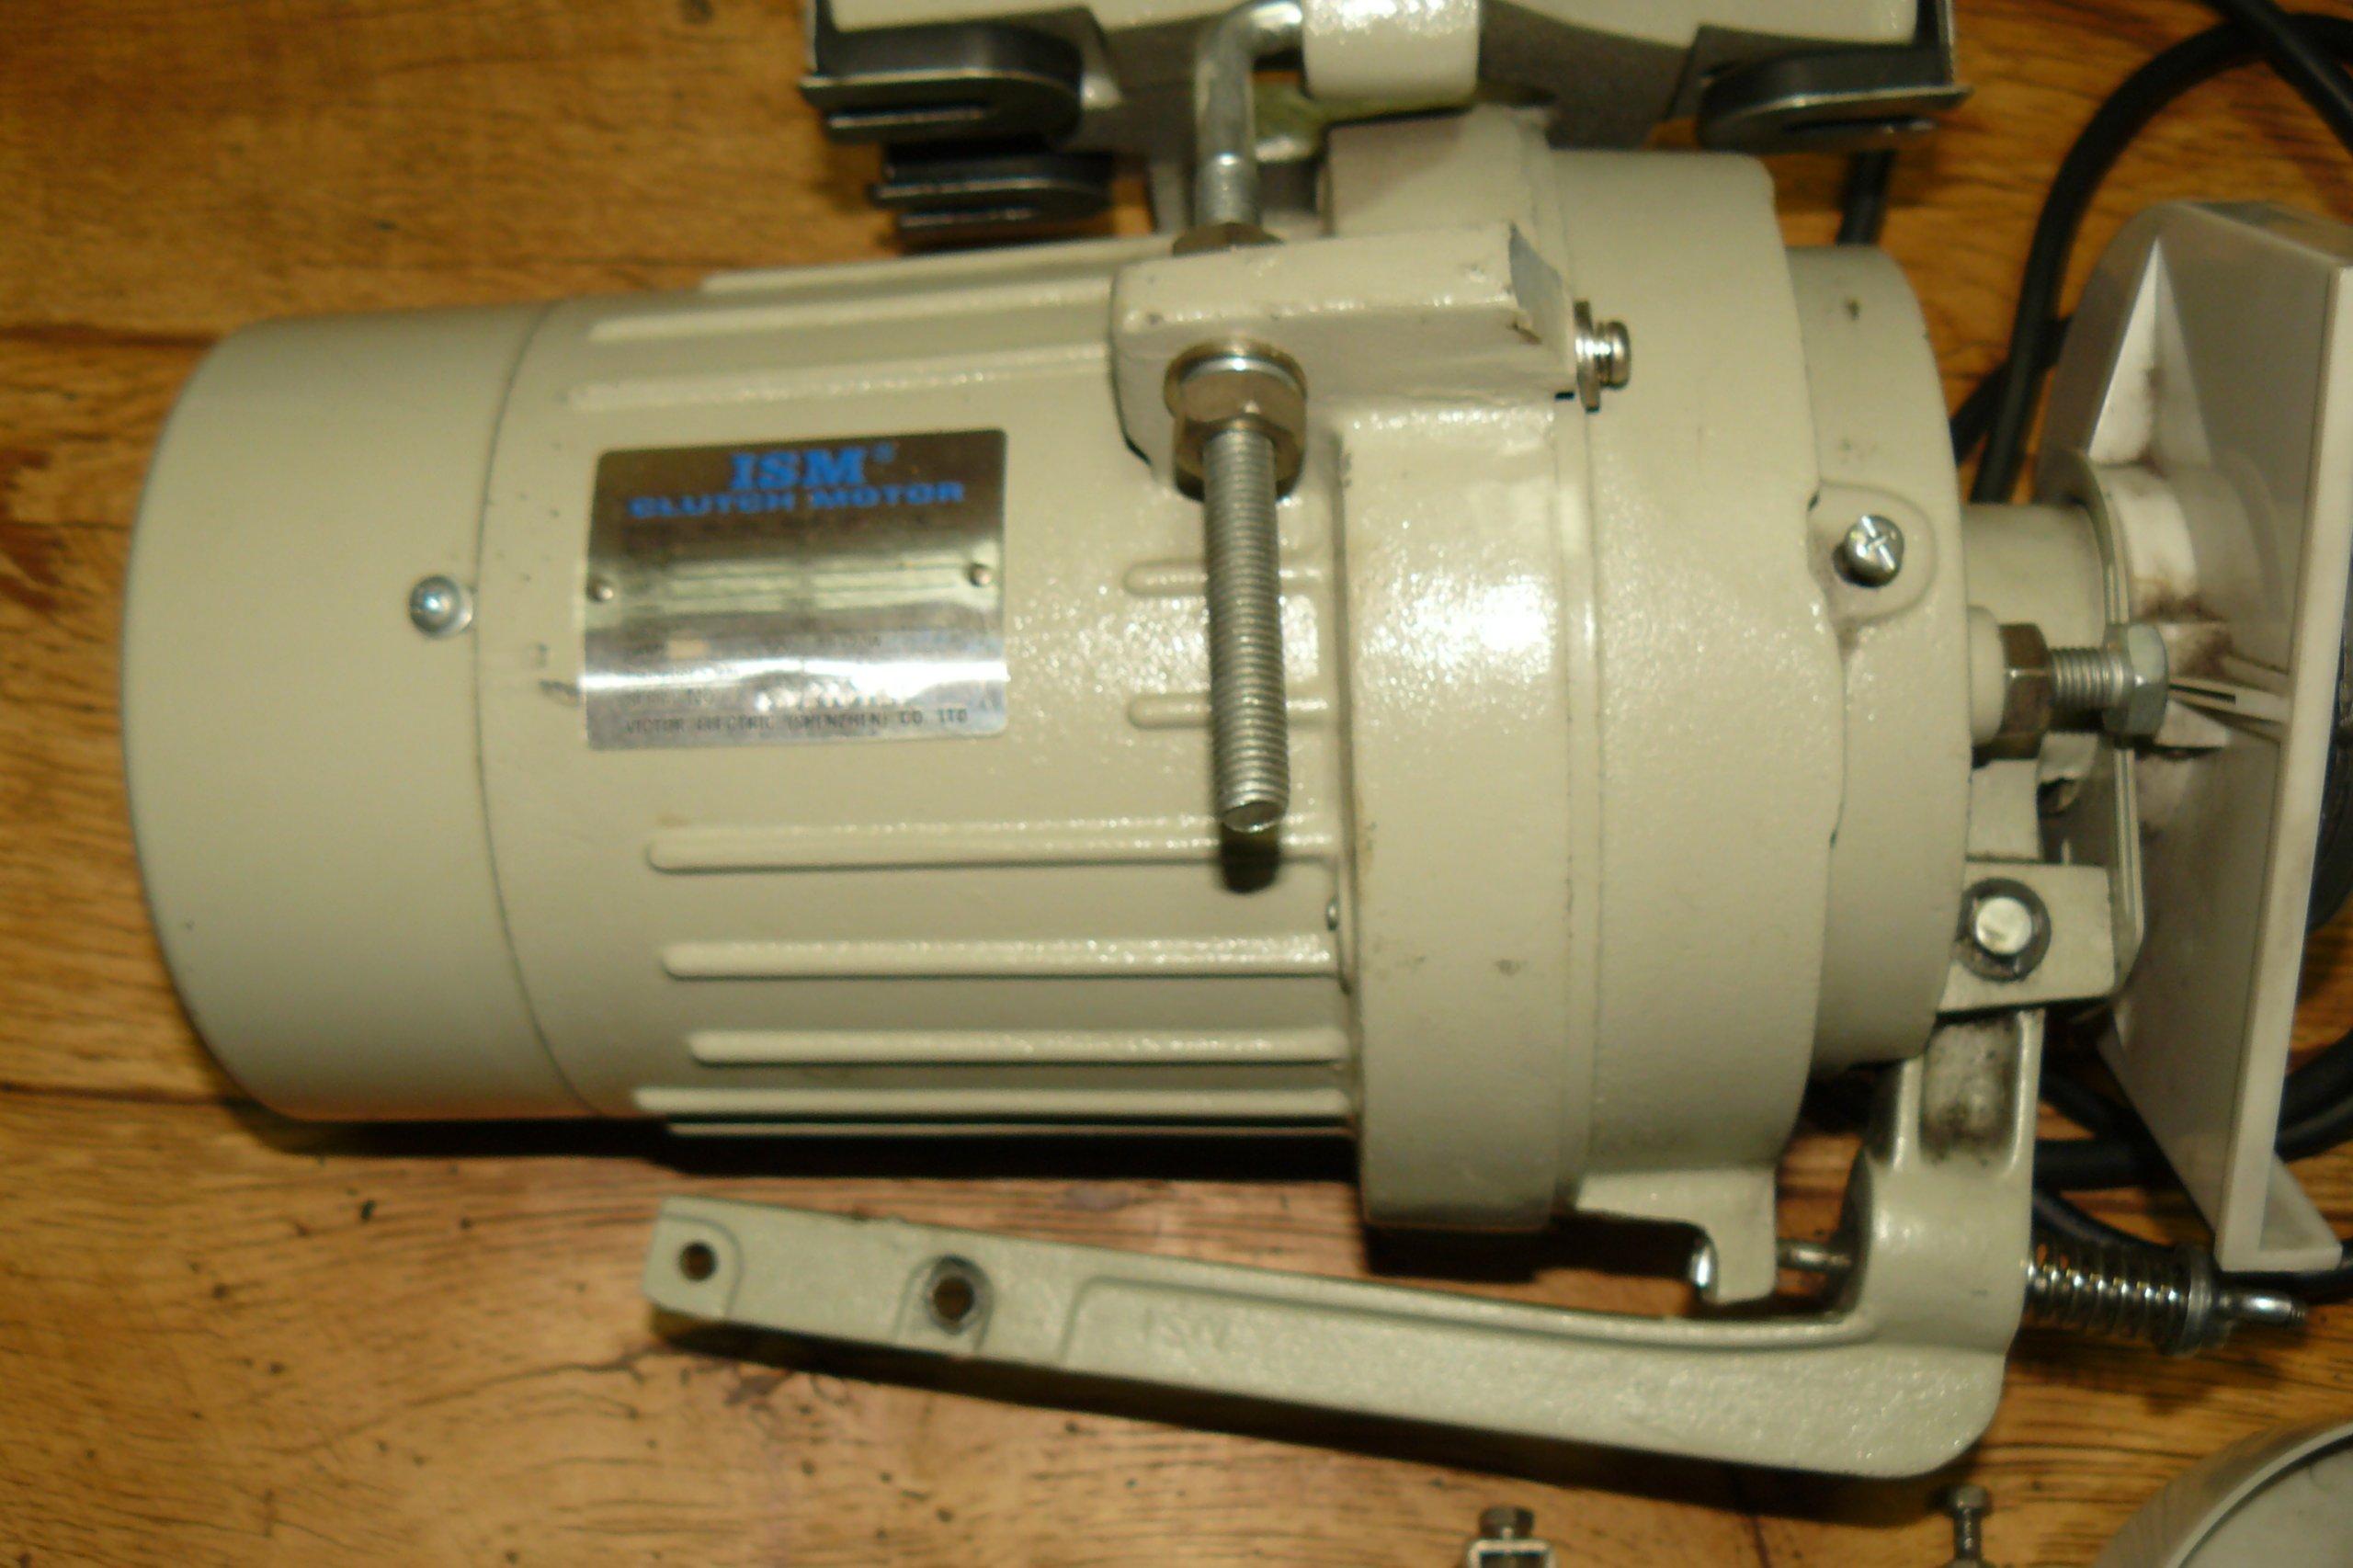 Silnik Do Maszyny Ism Clutch Motor Ns432 400w 7453188398